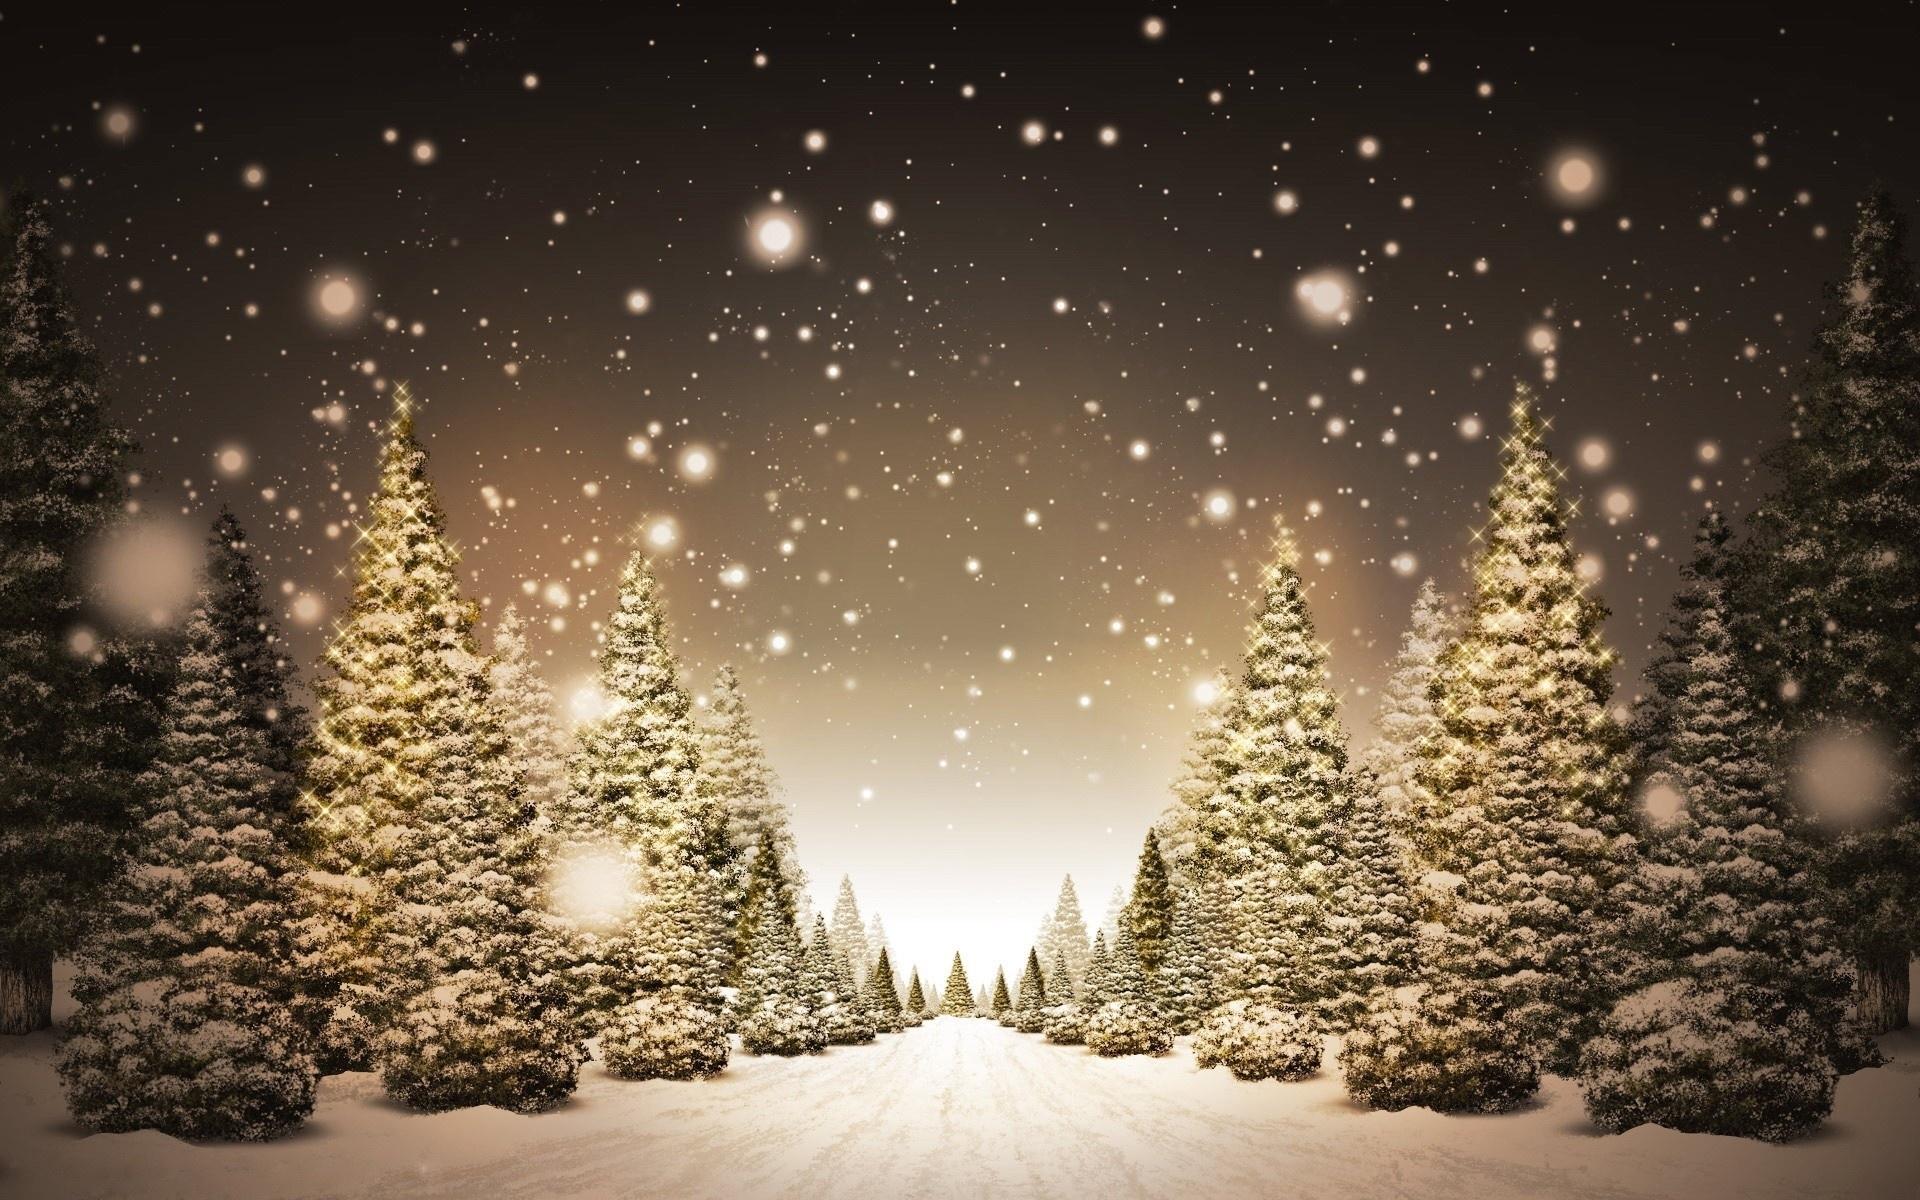 2217 скачать обои Пейзаж, Зима, Деревья, Арт, Дороги, Снег, Елки - заставки и картинки бесплатно